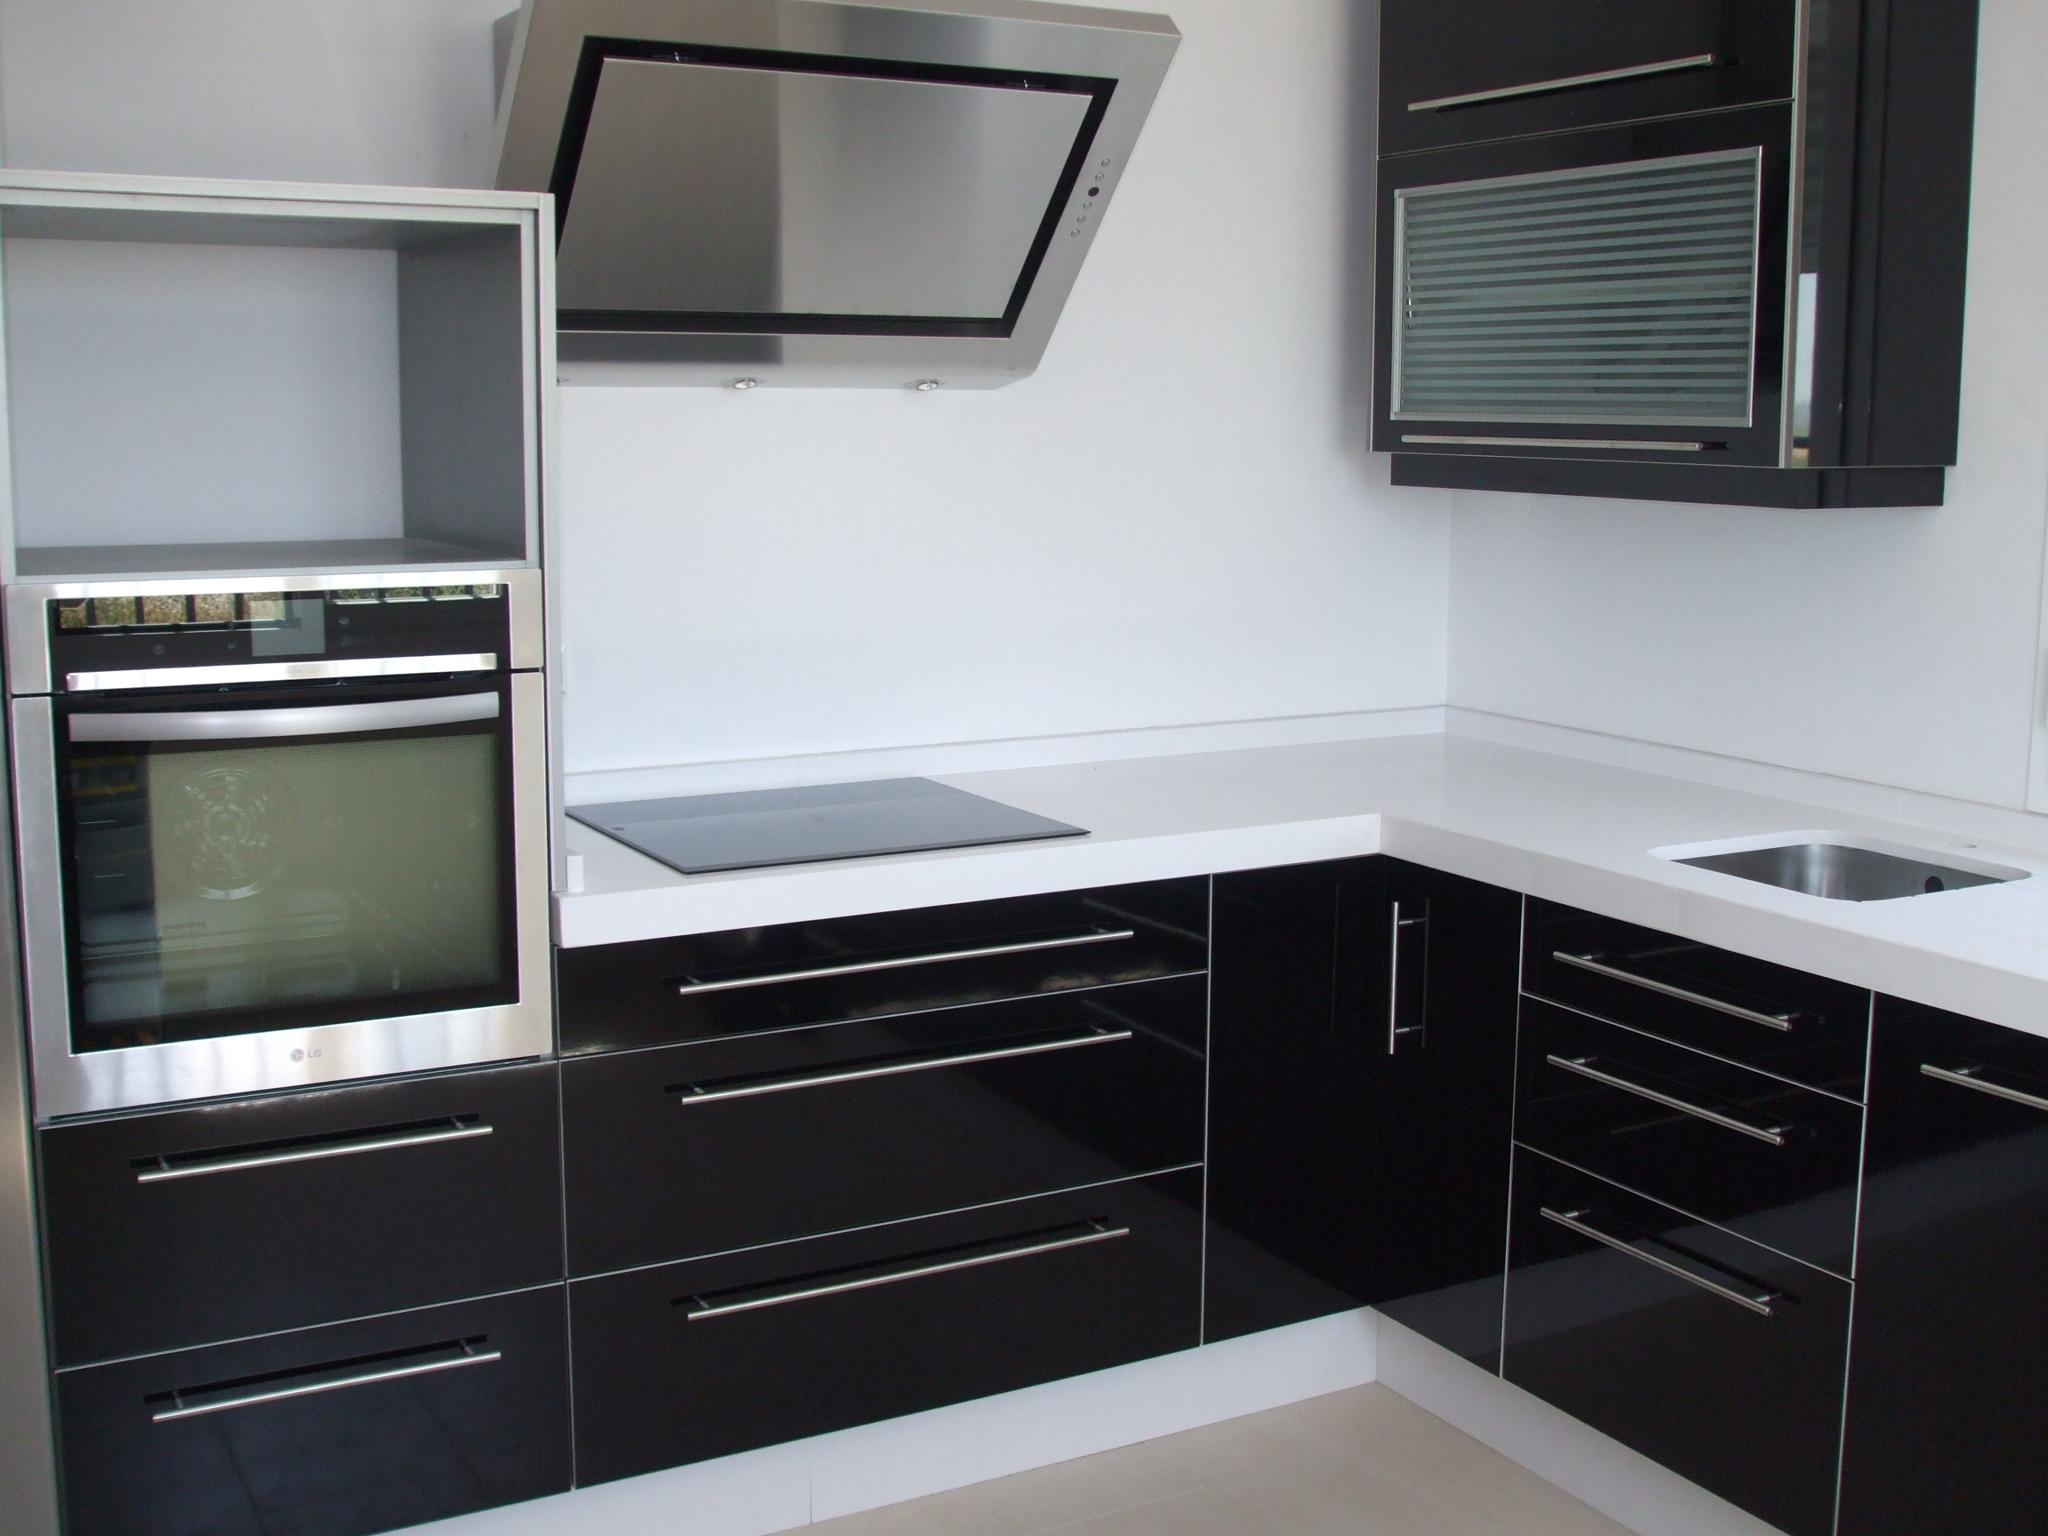 Cocinas alta gama Sevilla - Muebles de cocina alta gama Sevilla